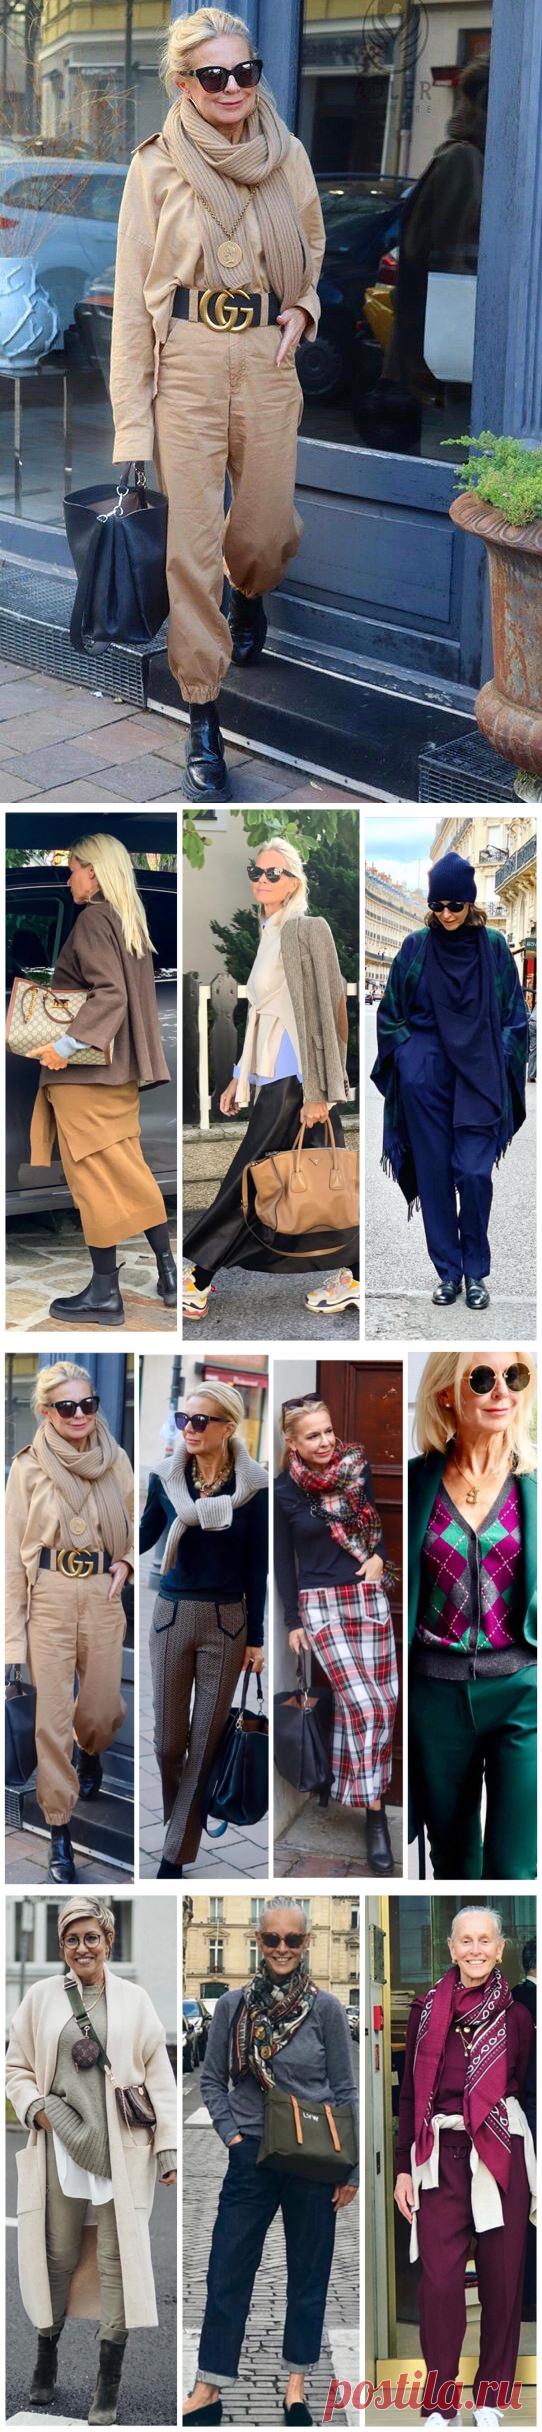 Как выглядеть интересно и стильно, с минимумом вещей и имея только базовую одежду?! Приемы сочетания в многослойности (2 часть) | Мода вне времени | Яндекс Дзен